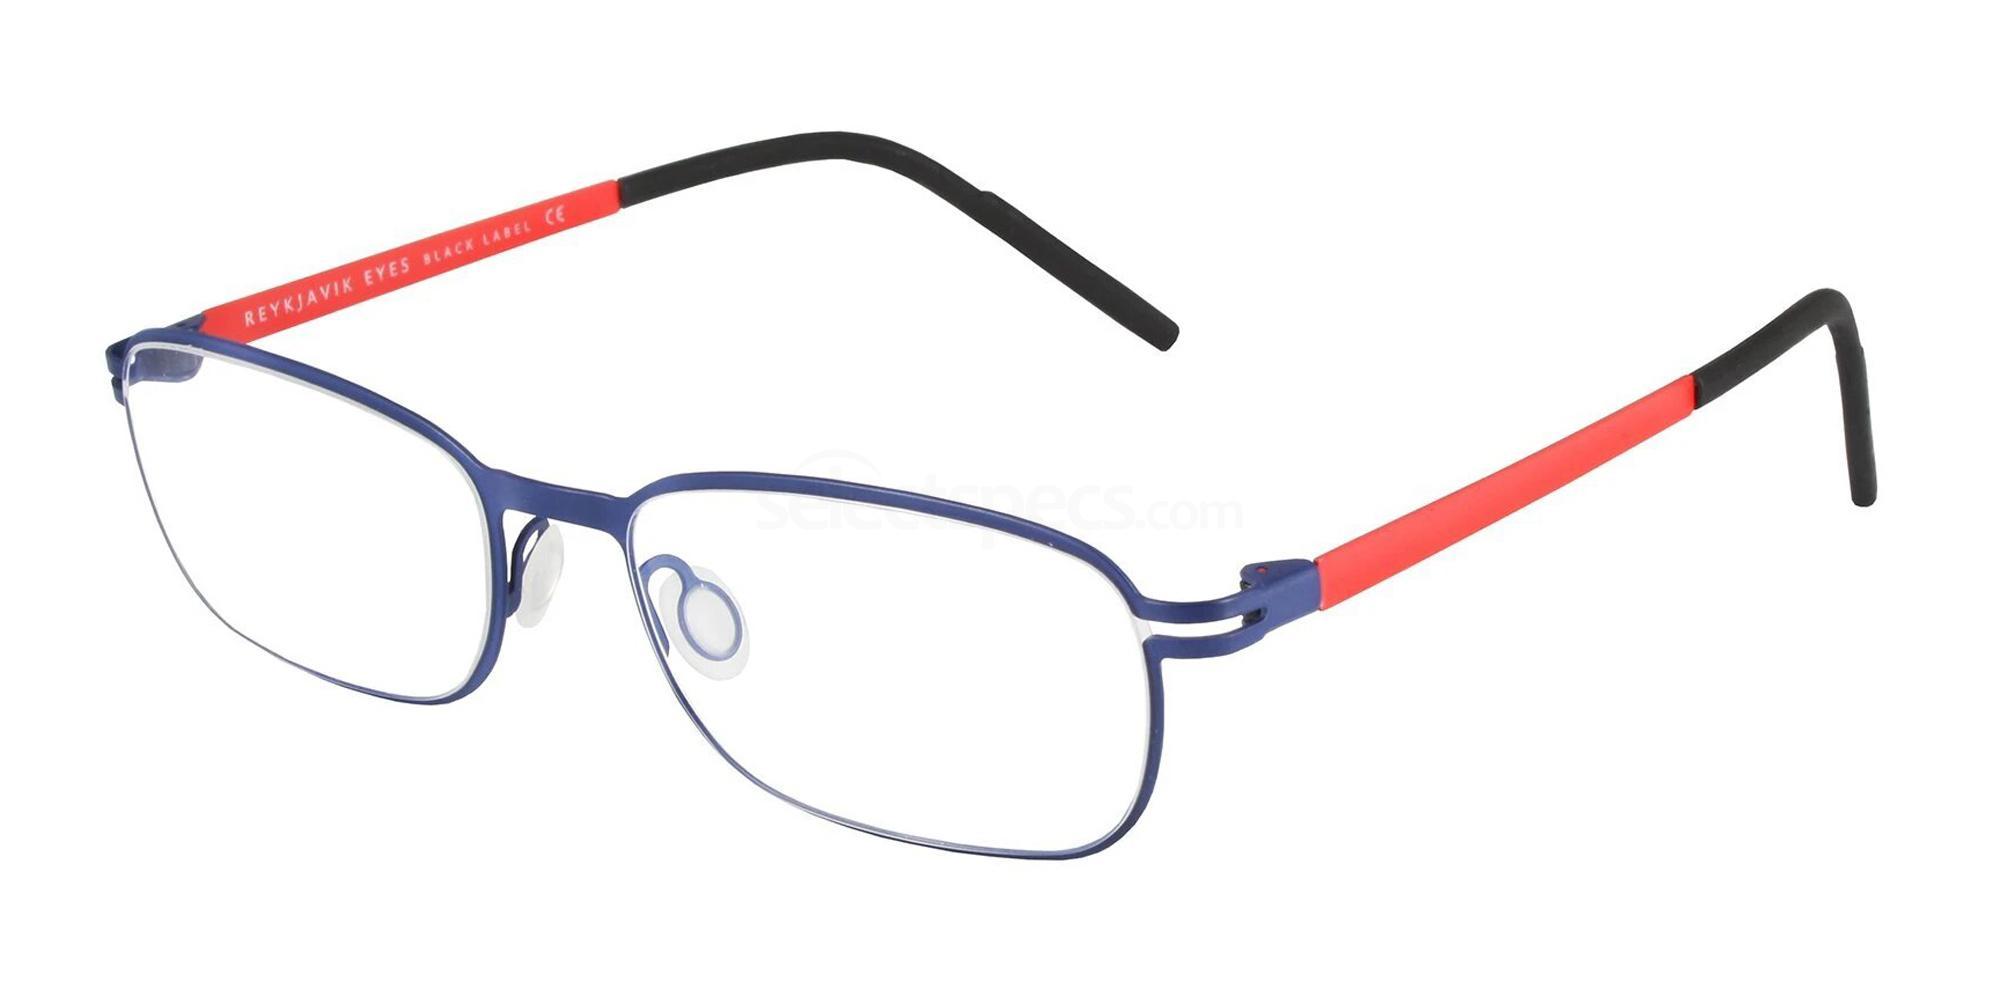 C1 RUNI Glasses, Reykjavik Eyes Black Label